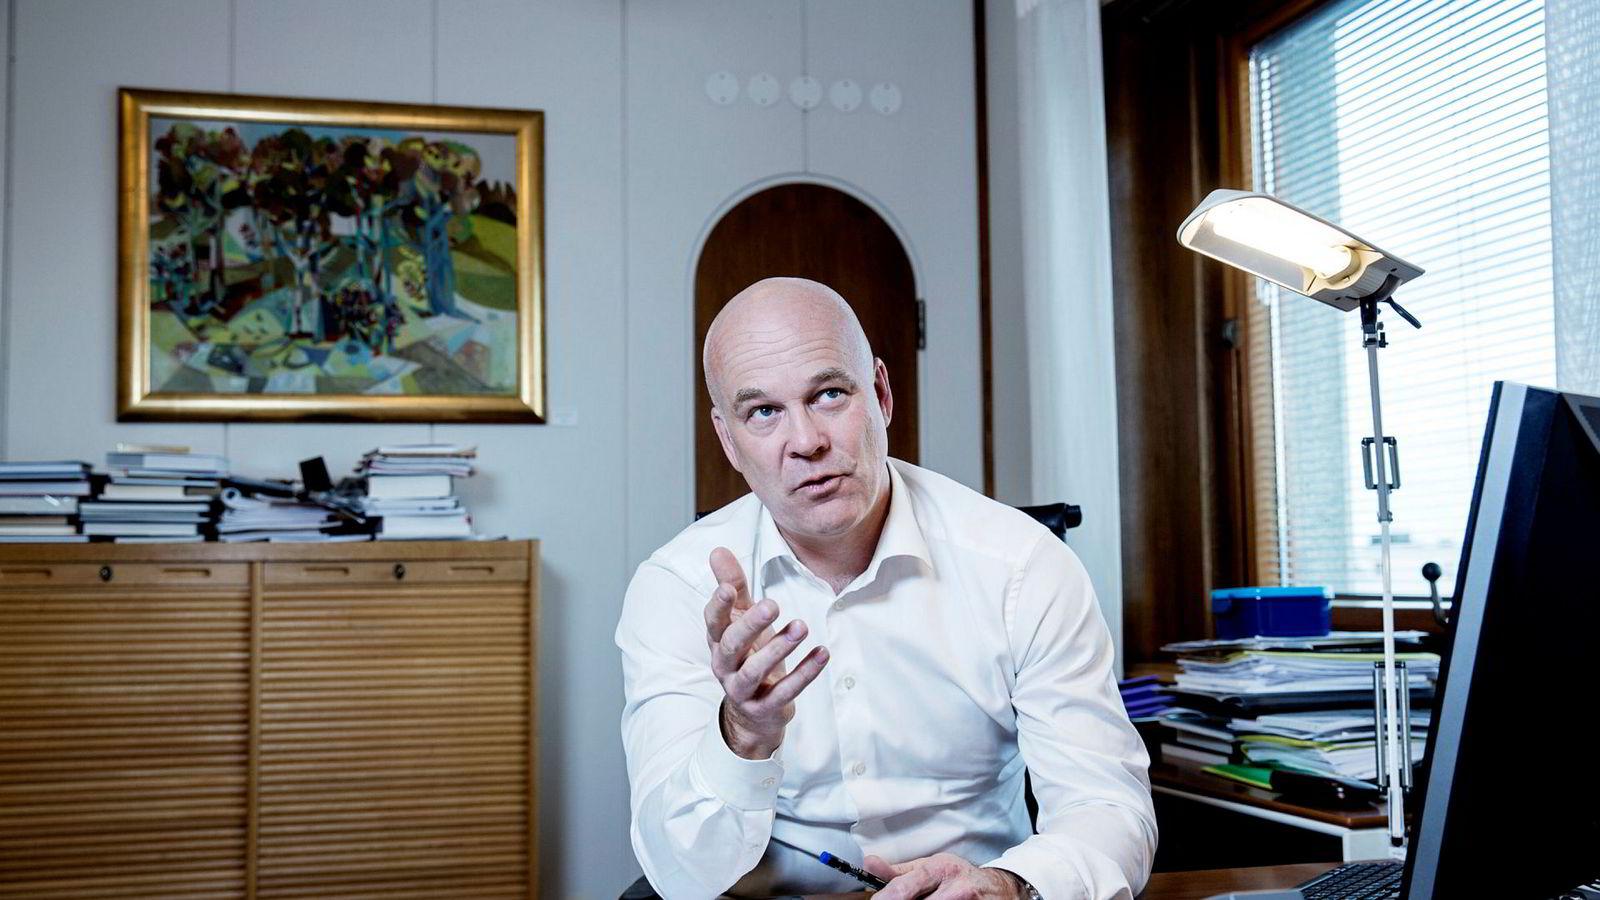 Kringkastingssjef Thor Gjermund Eriksen har nettopp sendt det årlige lisensbrevet til Kulturdepartementet.